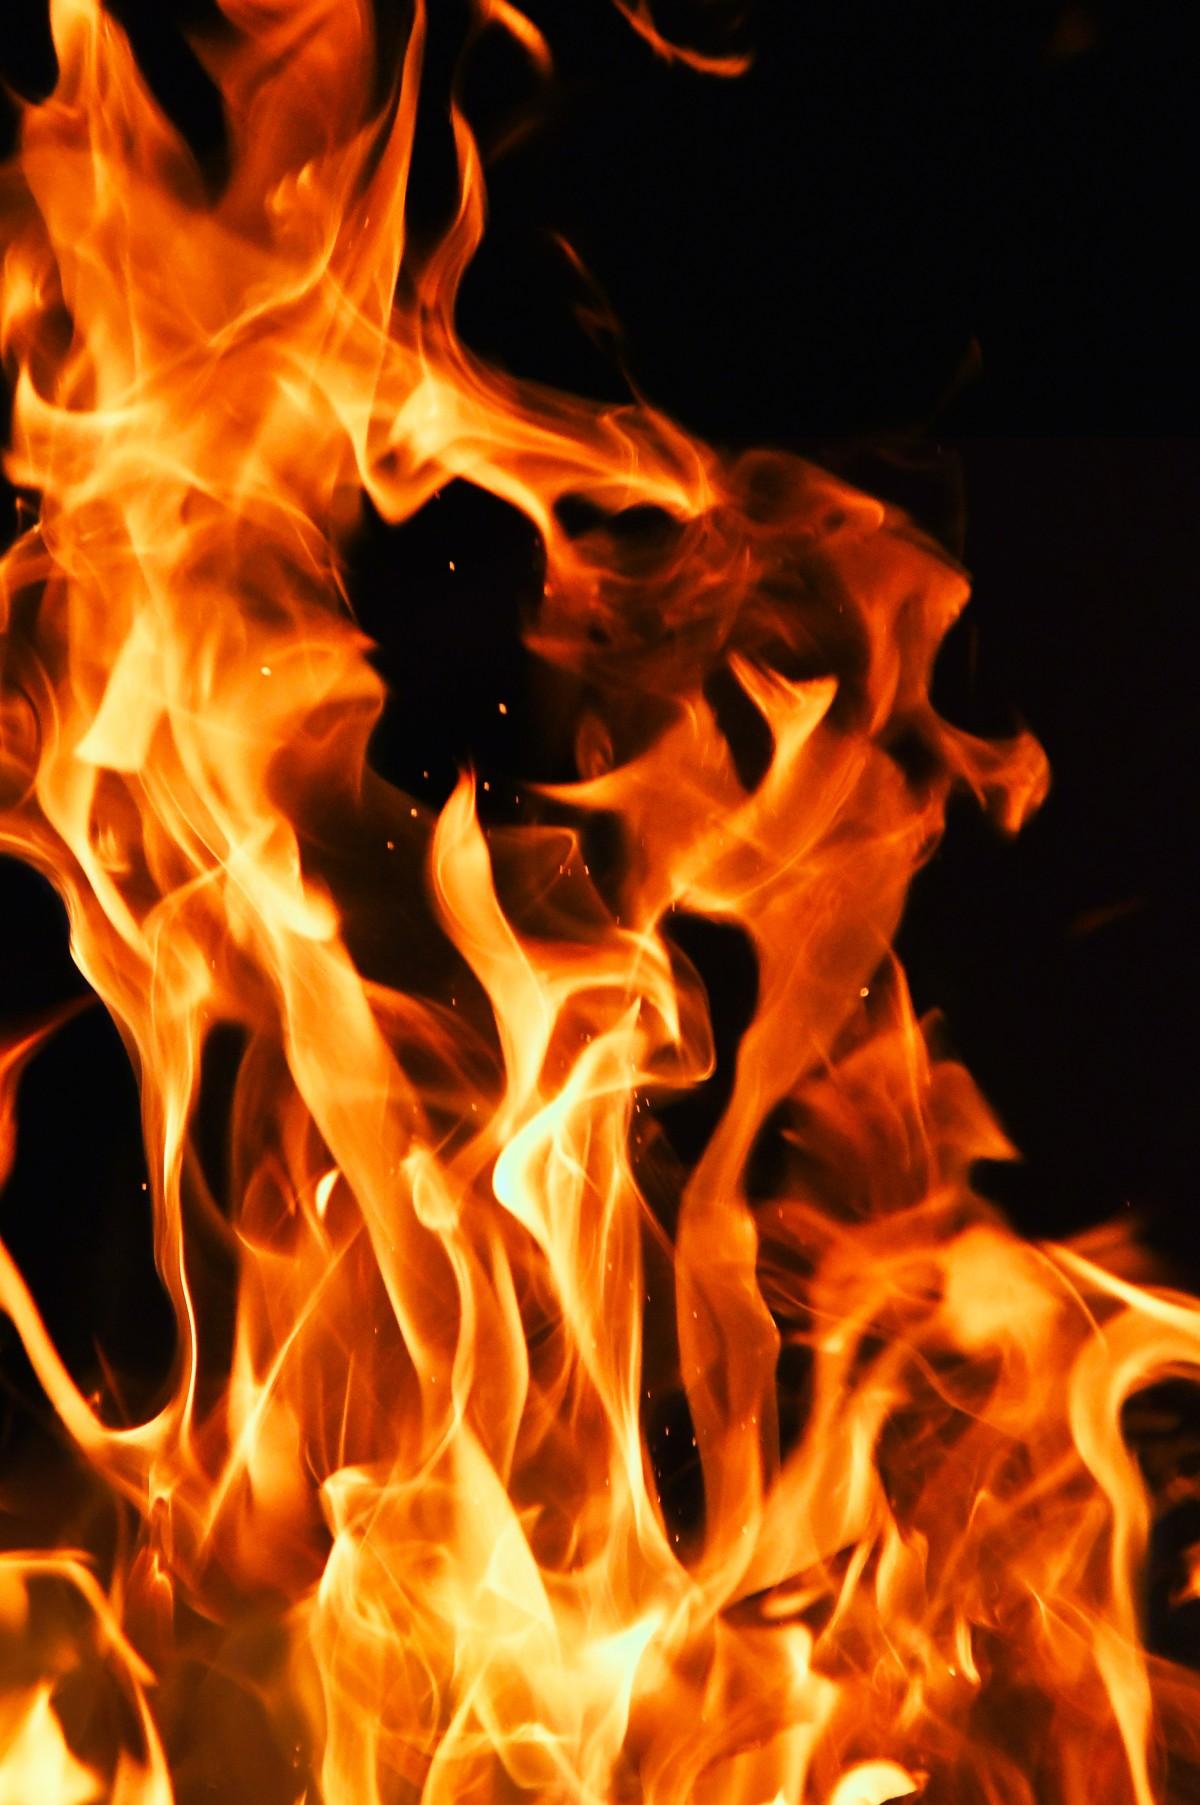 Hình ảnh ngọn lửa bùng cháy thật đẹp